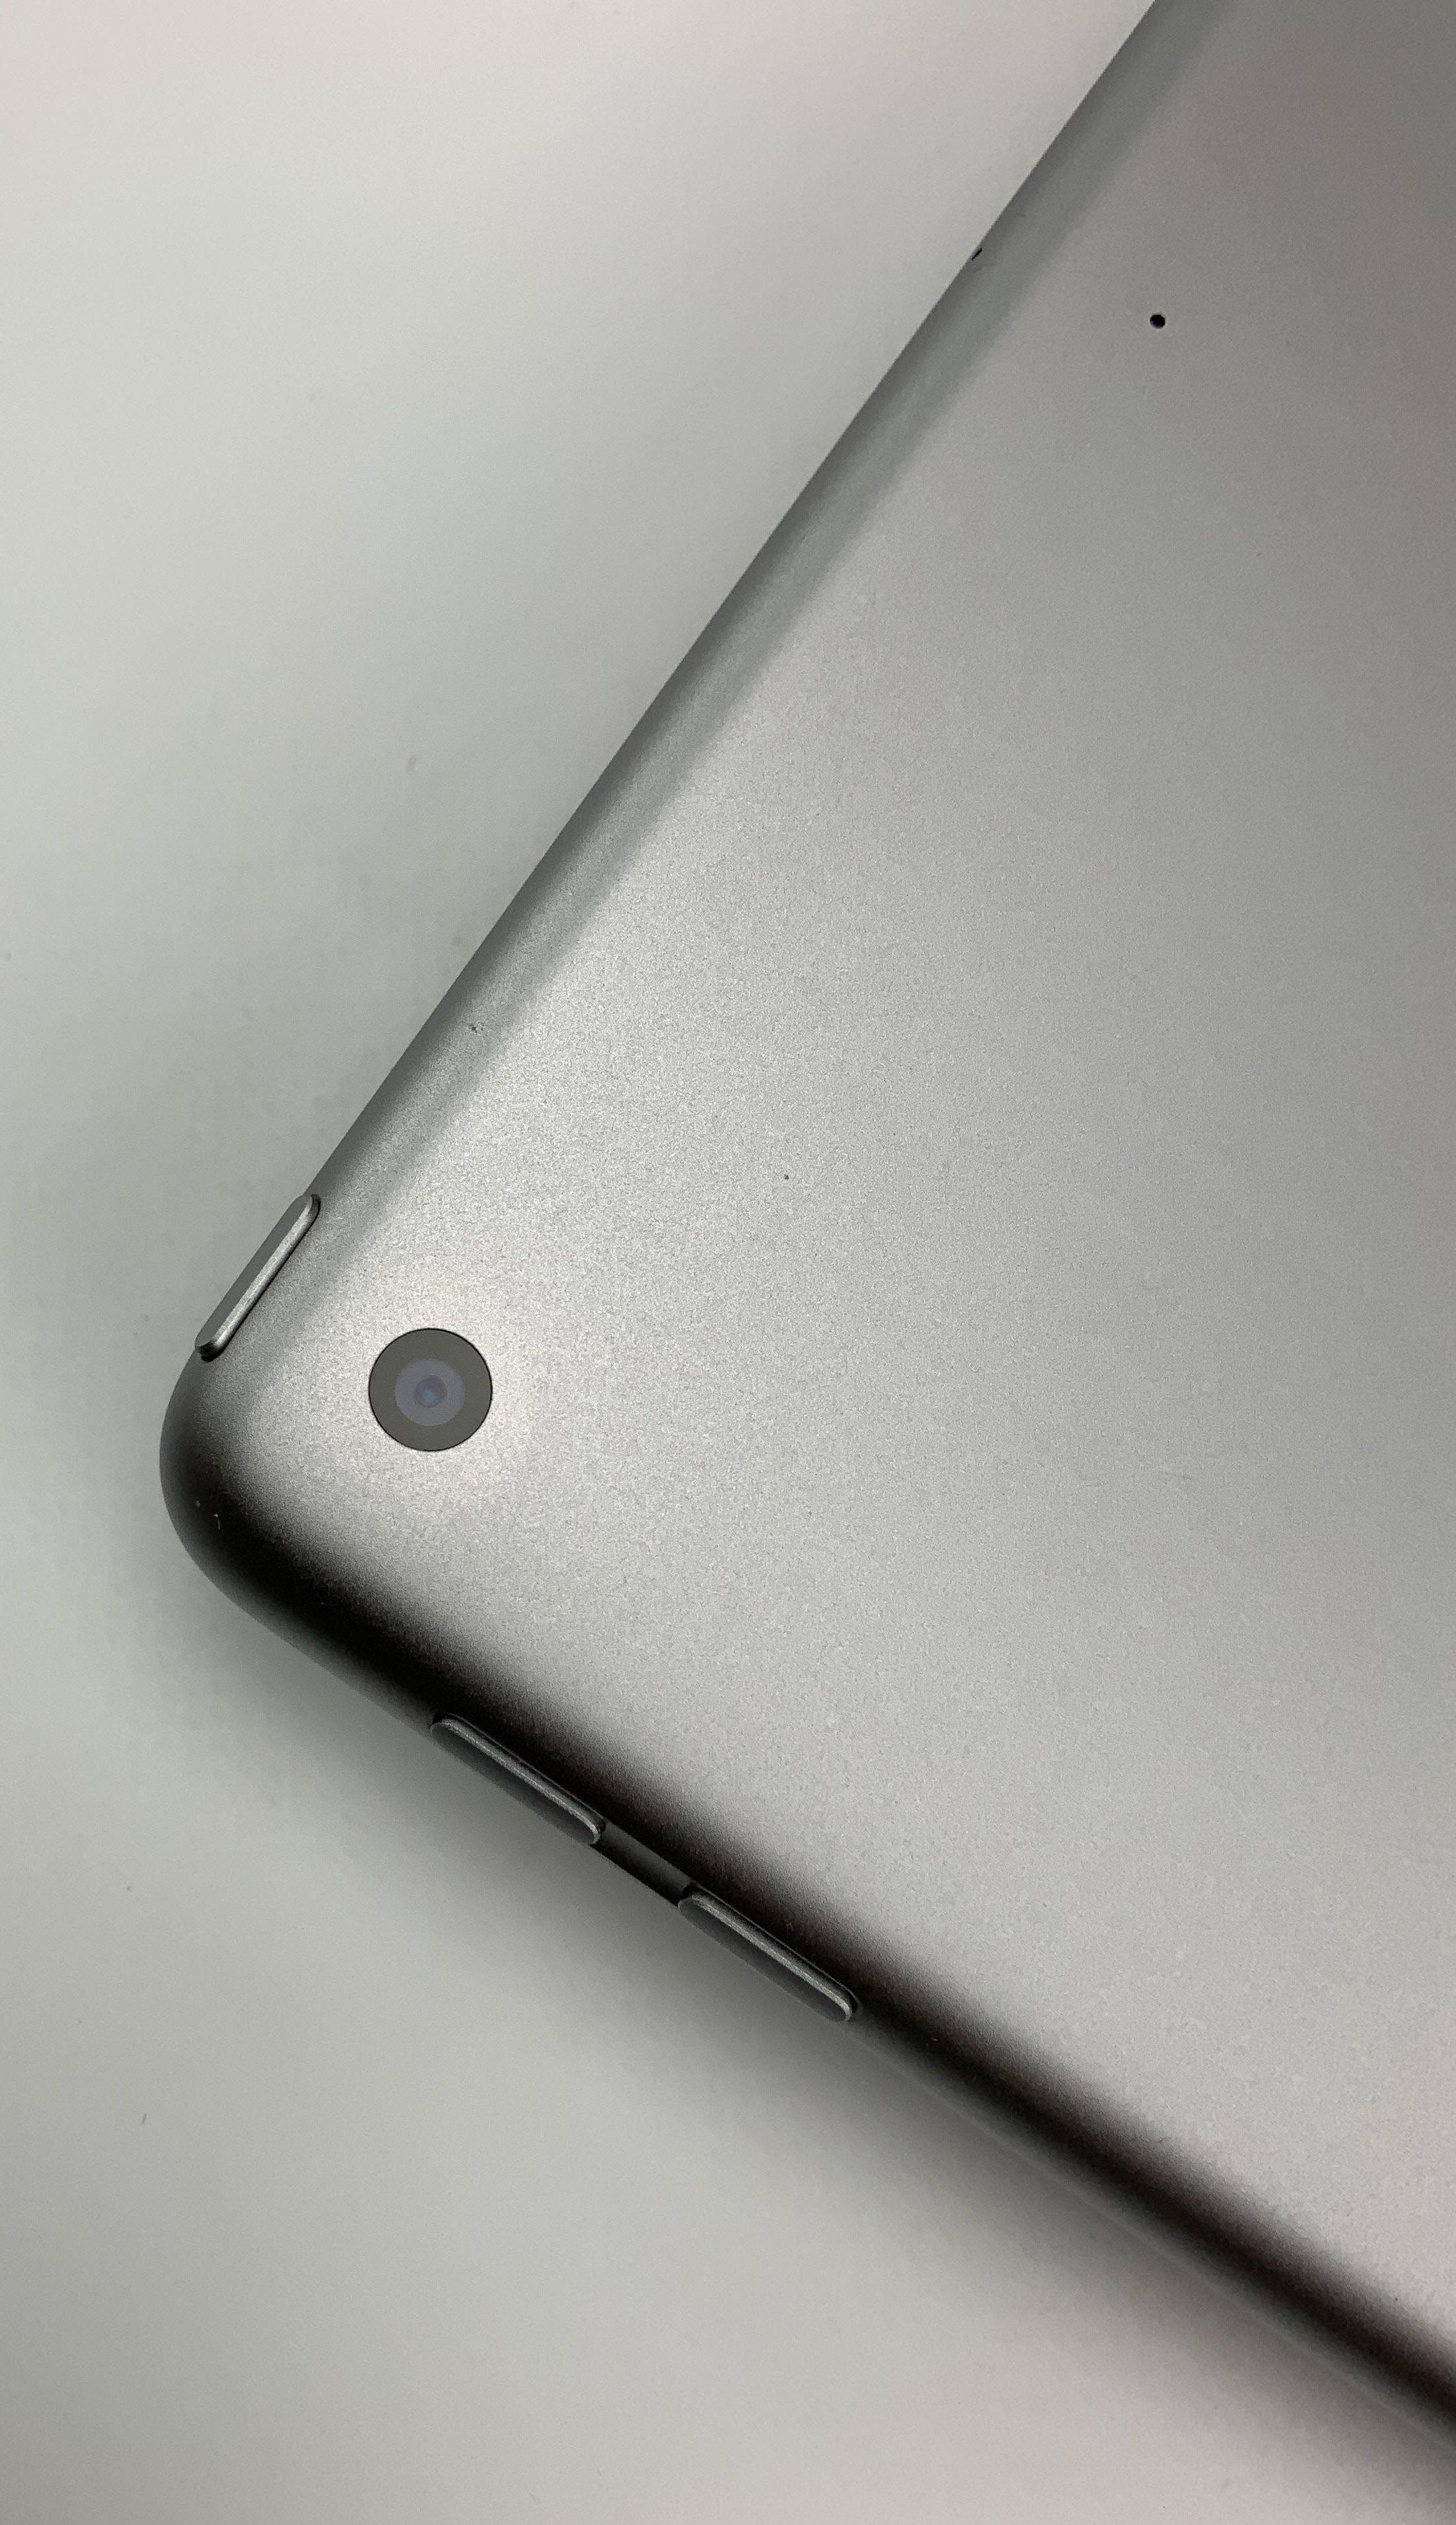 iPad 6 Wi-Fi 128GB, 128GB, Space Gray, Afbeelding 3